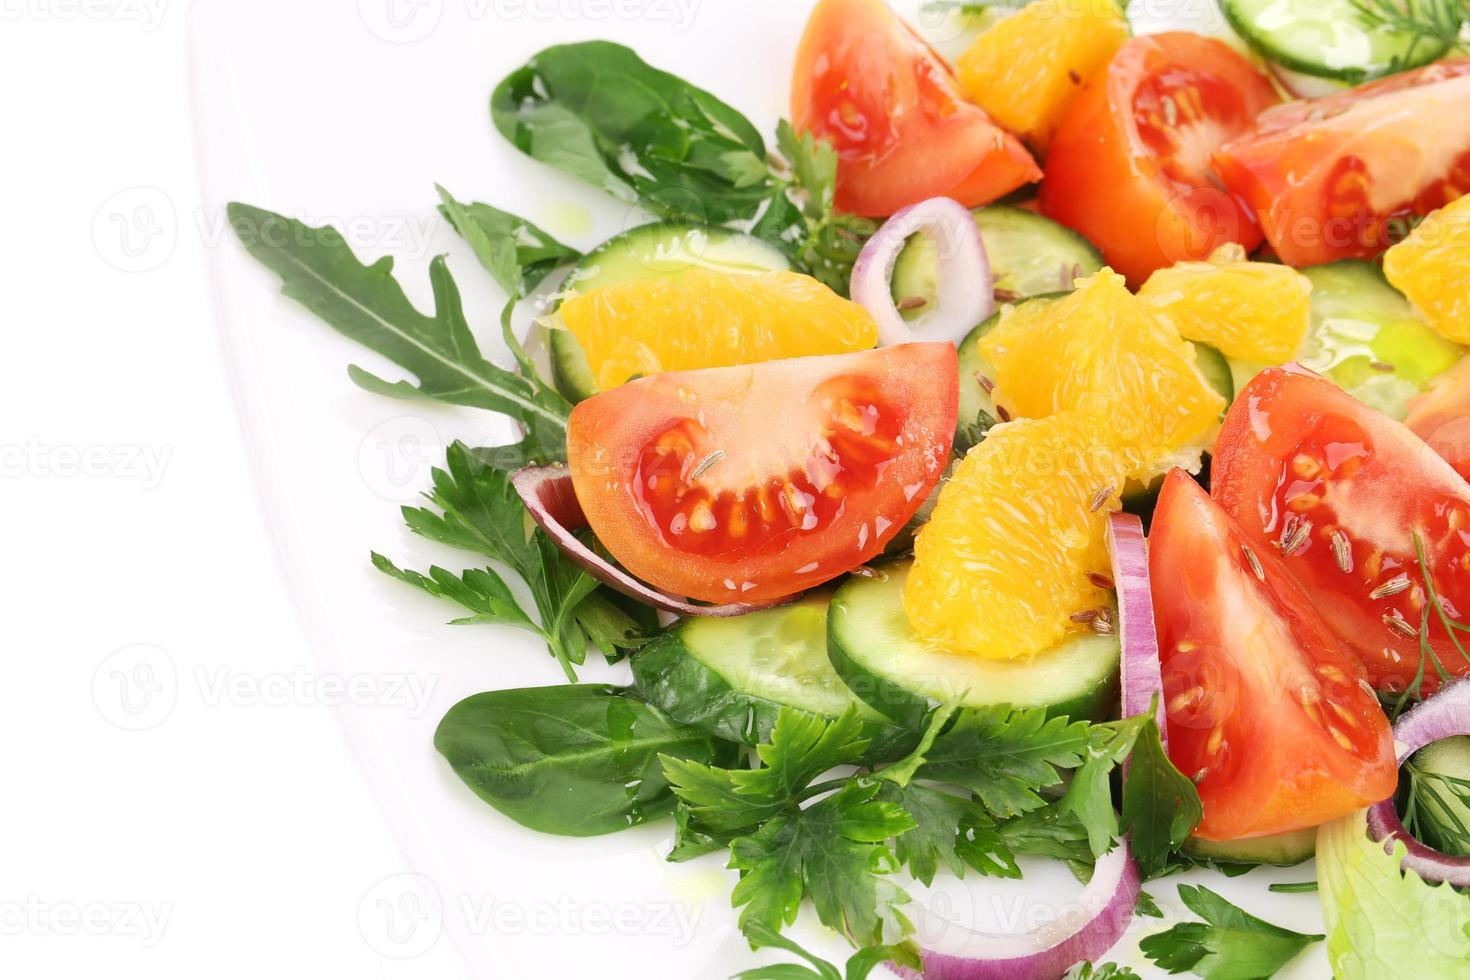 primo piano di insalata fresca. macro. foto